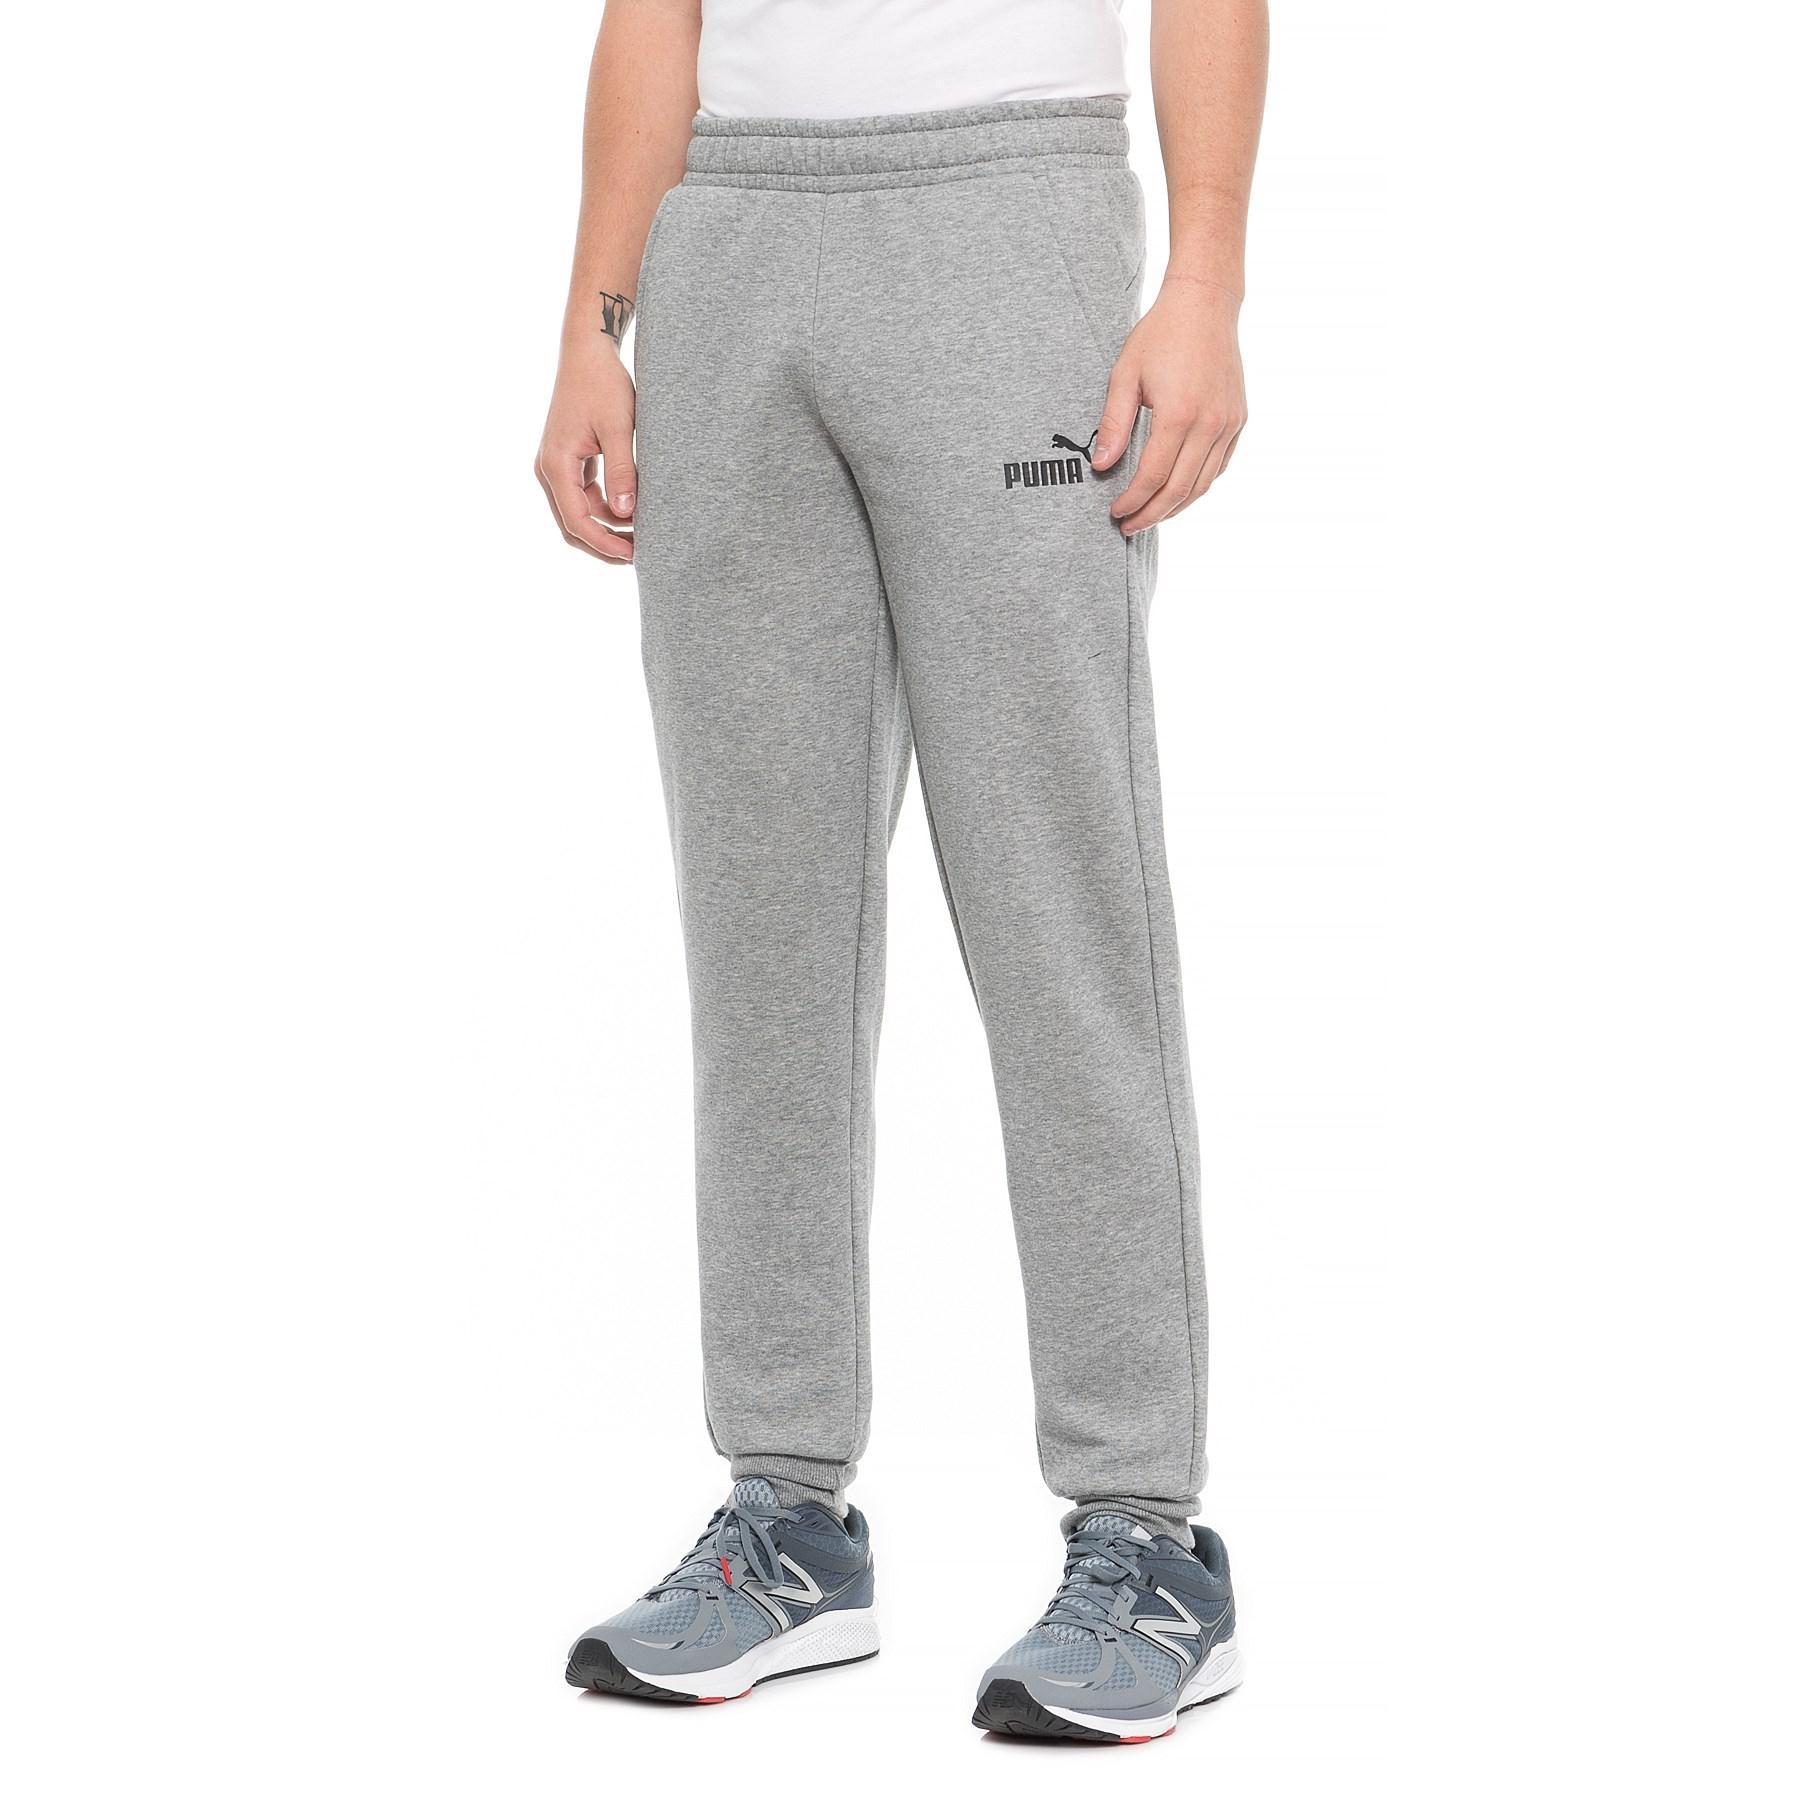 691c78df4507 PUMA - Gray Essential Fleece Joggers (for Men) for Men - Lyst. View  fullscreen